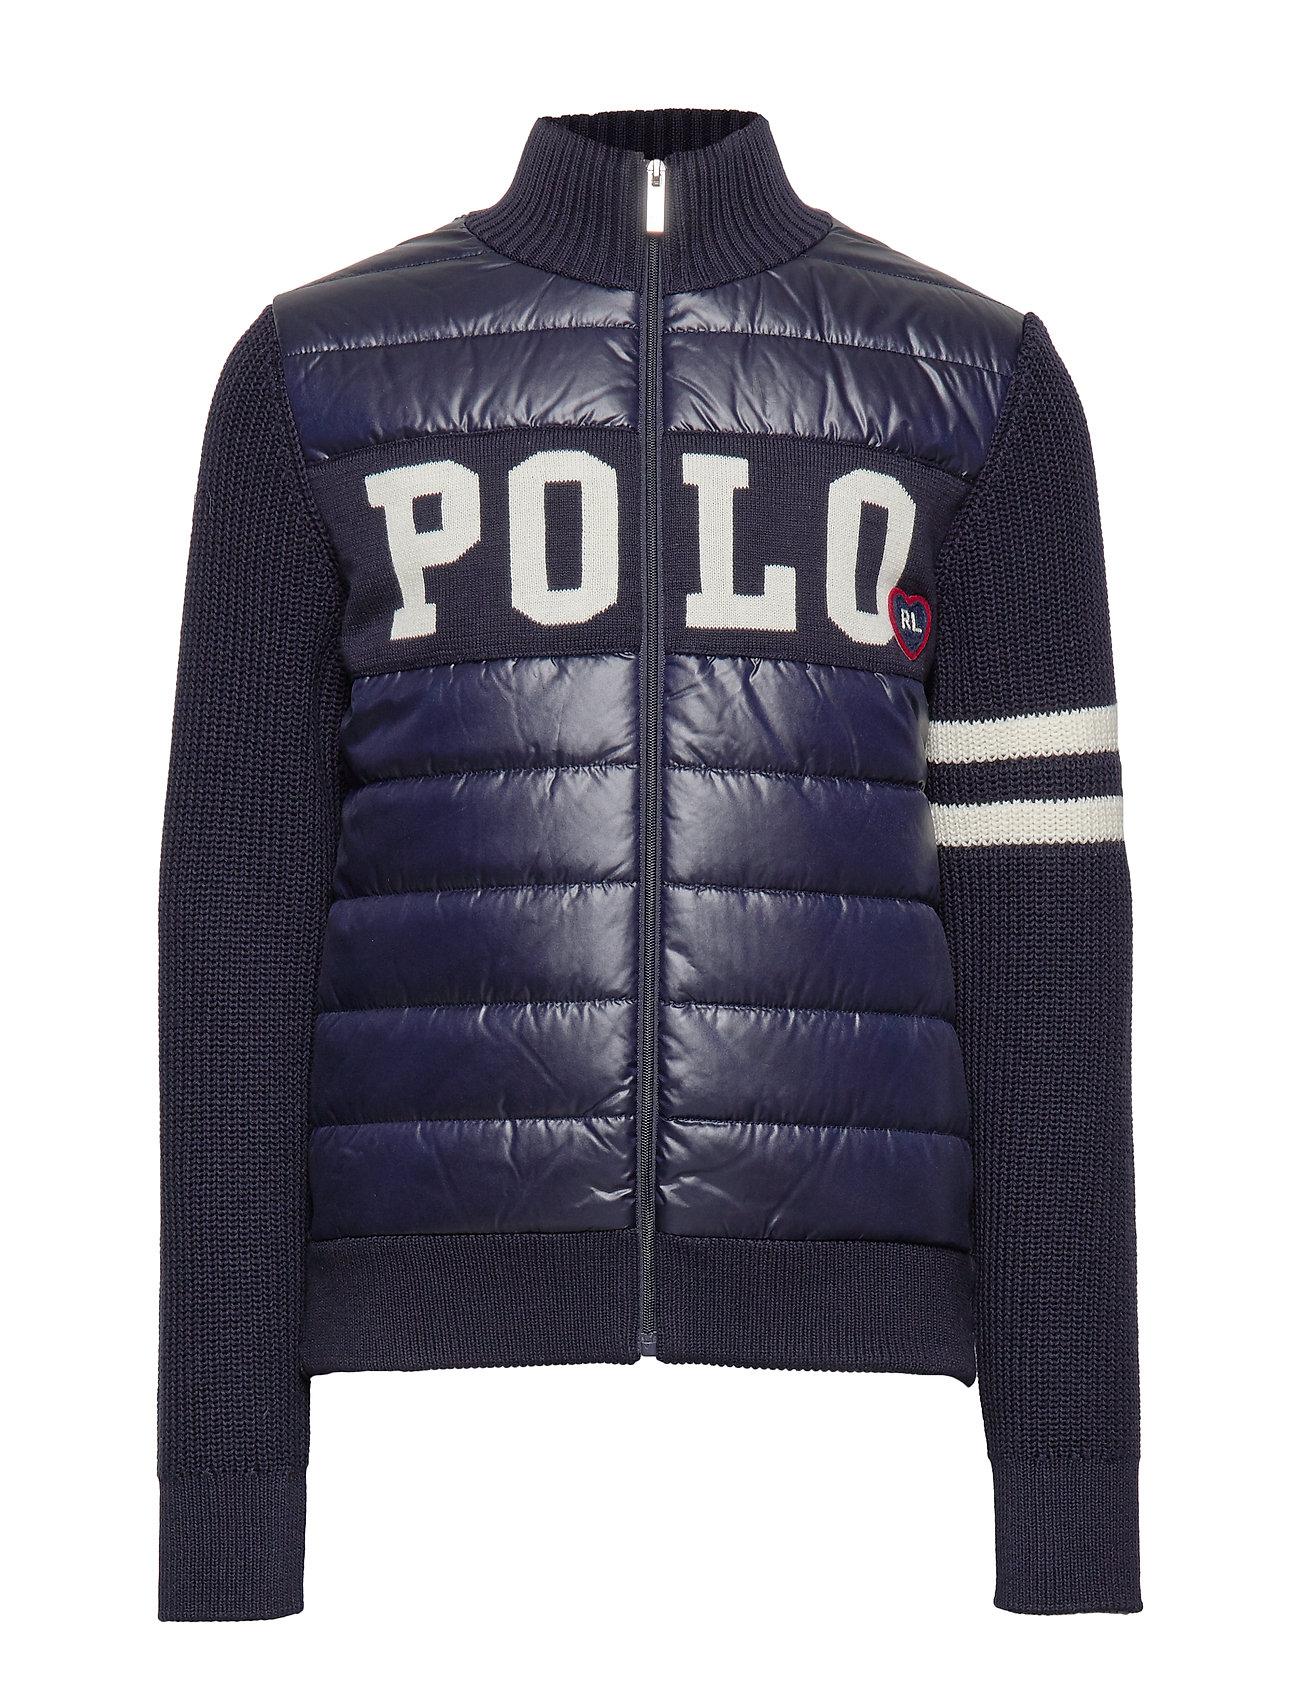 Ralph Lauren Kids Hybrid Full-Zip Sweater - RL NAVY